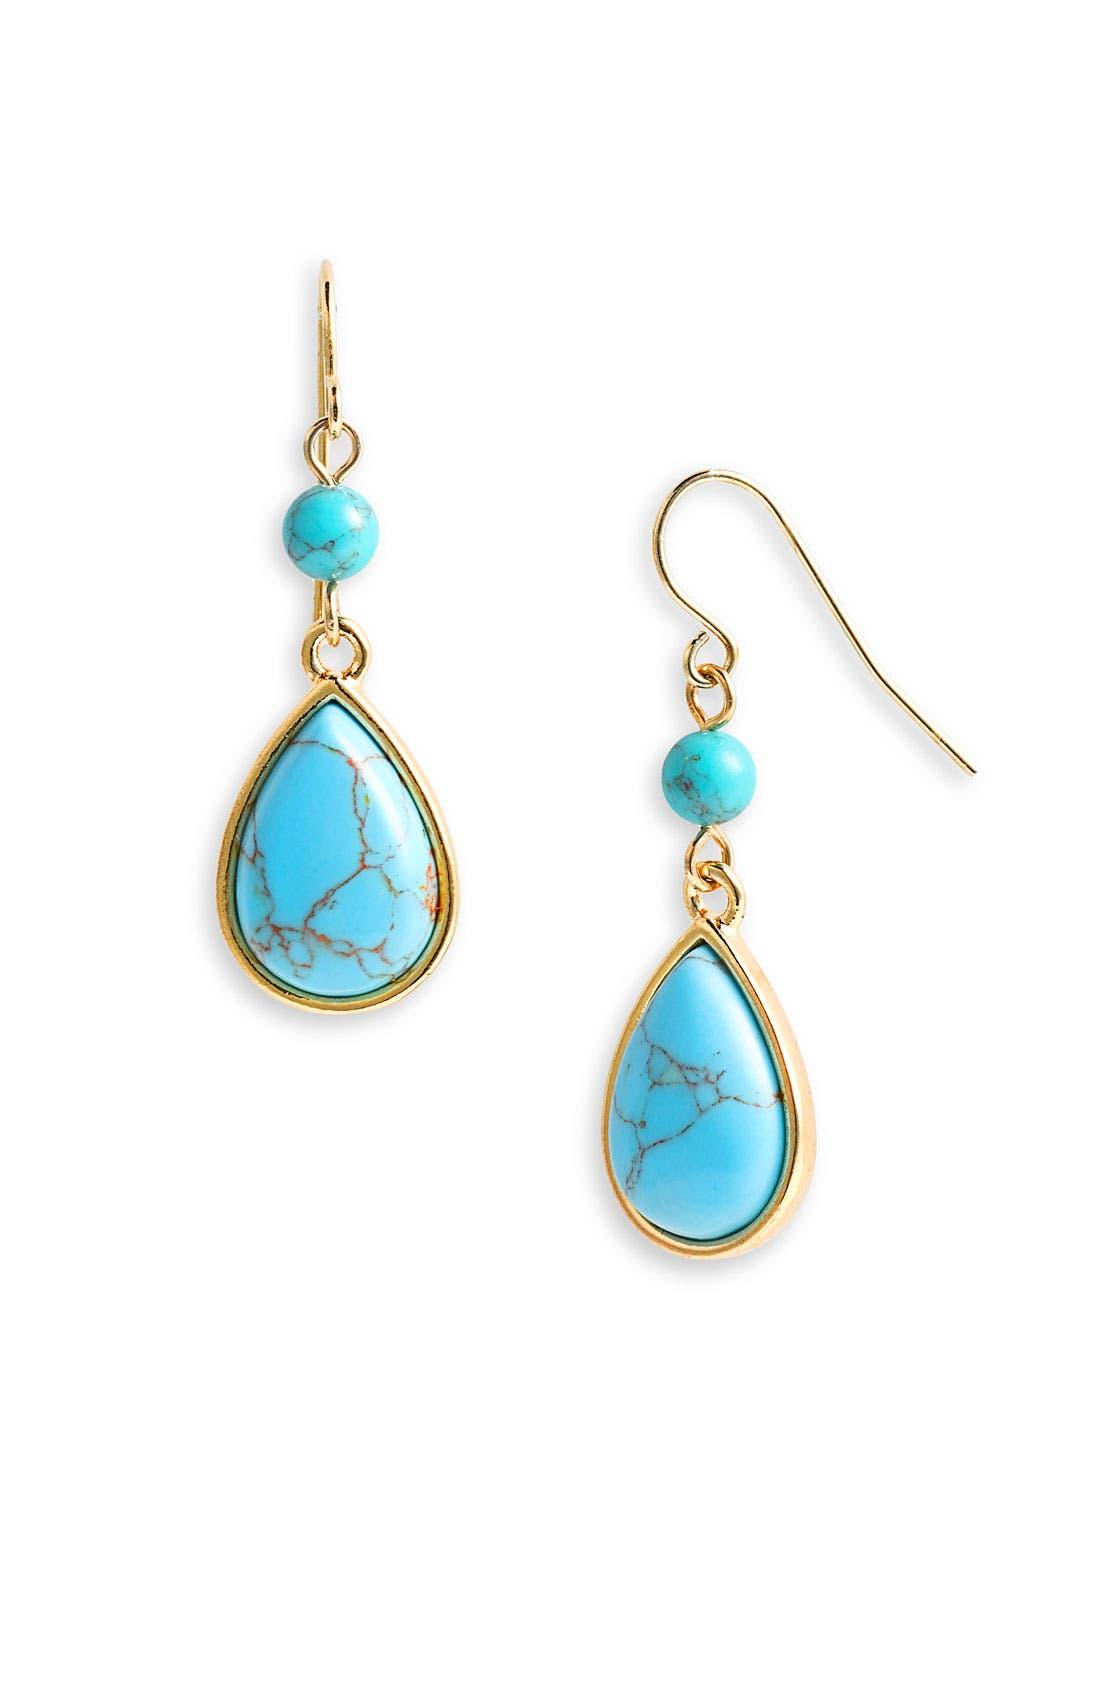 Main Image - Lauren by Ralph Lauren 'Nassau' Small Drop Earrings